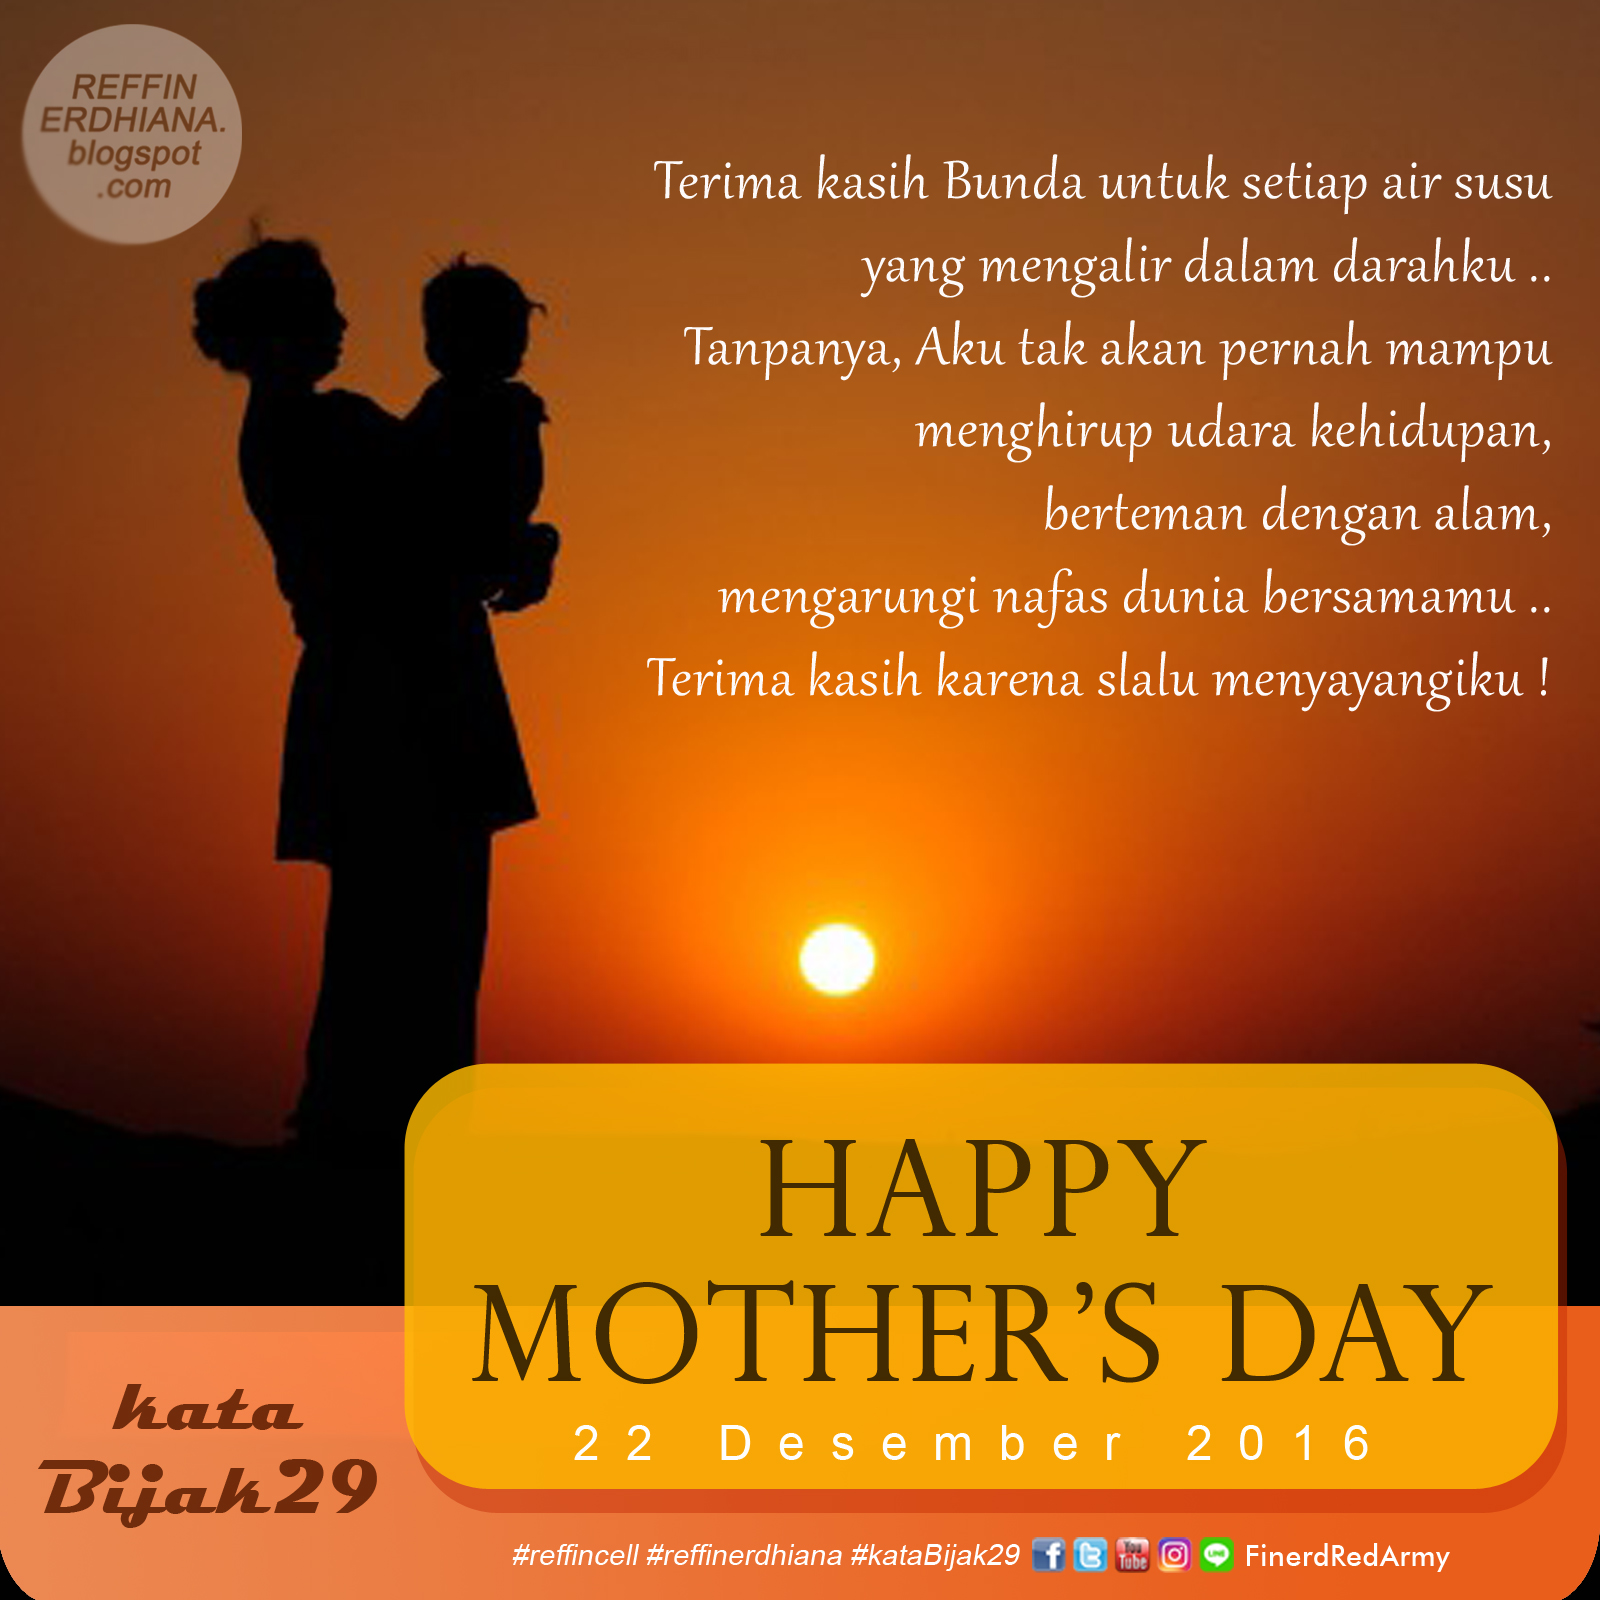 Finerd Reffin Erdhiana Kata Ucapan Selamat Hari Ibu Yang